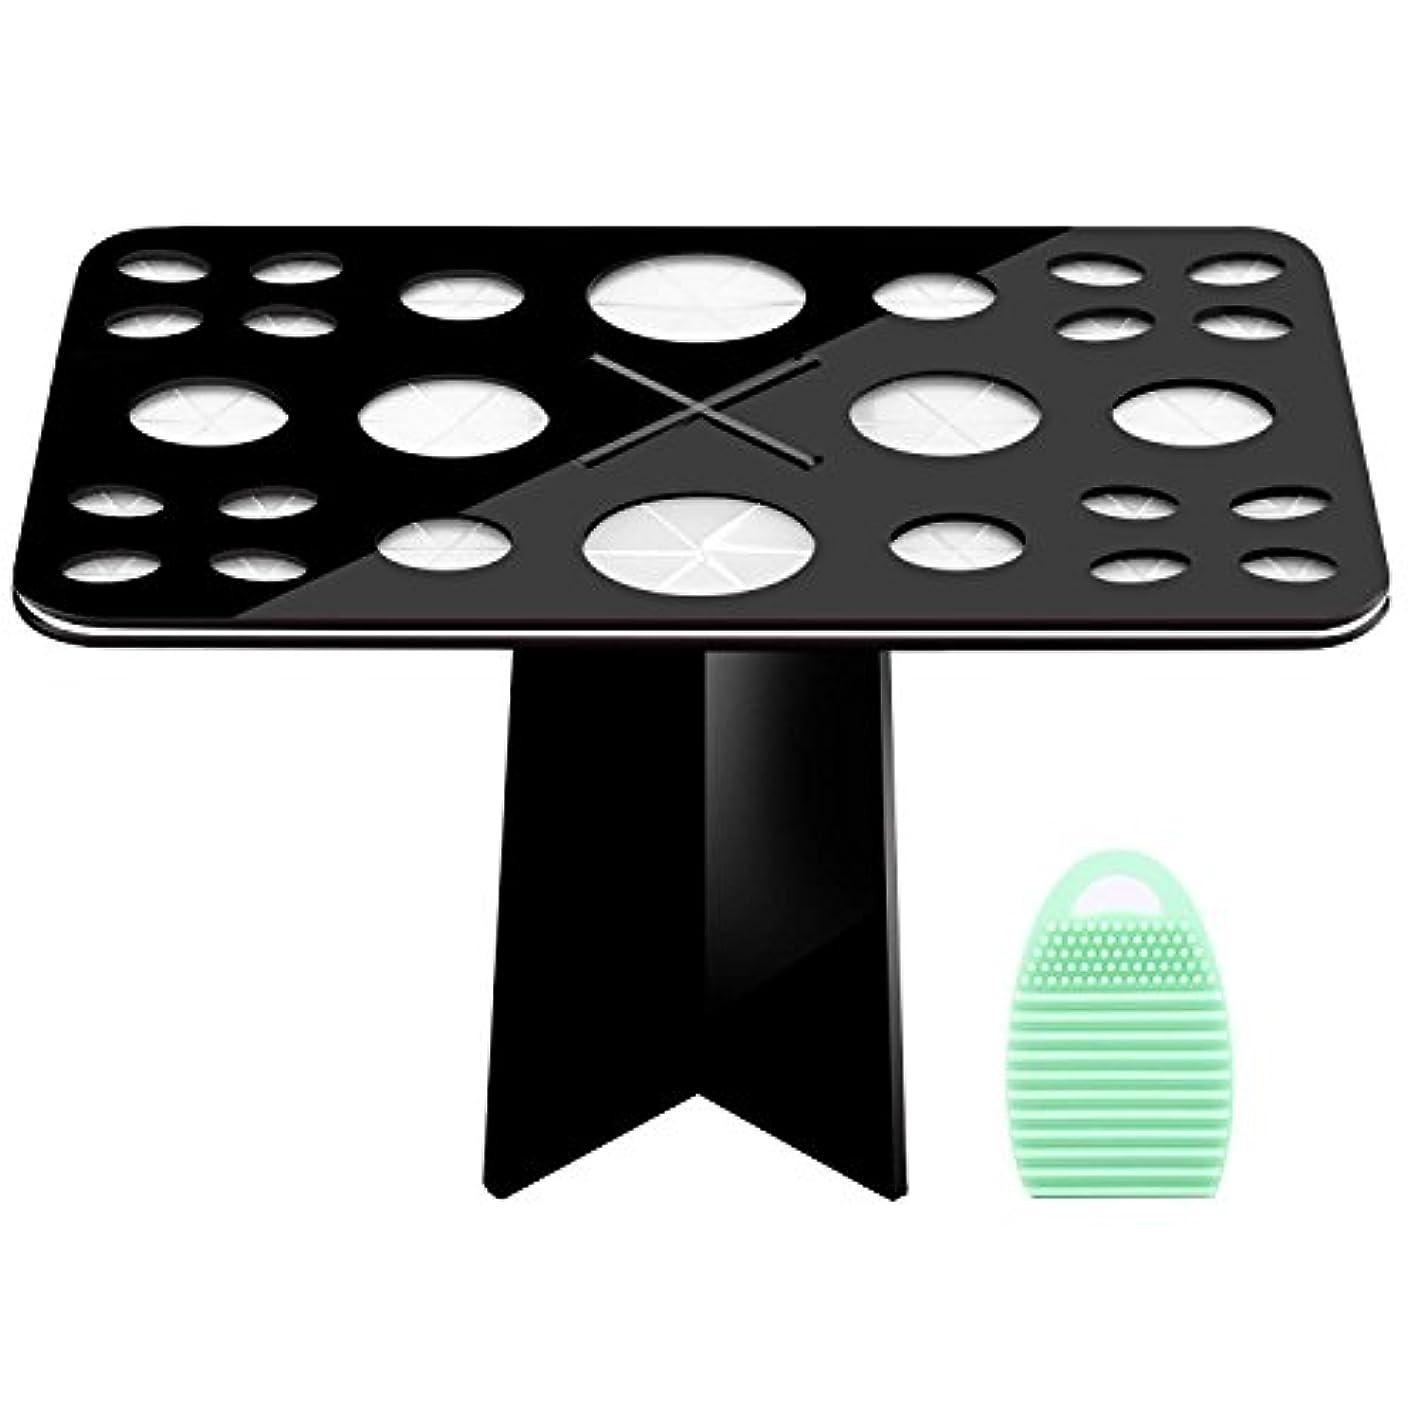 新しい意味従順な抜け目がないメイクブラシスタンド+メイクブラシクリーナーセット - Luxspire コスメホルダー 小型軽量の洗濯板 ブラシ洗濯とブラシ乾かすのに最適